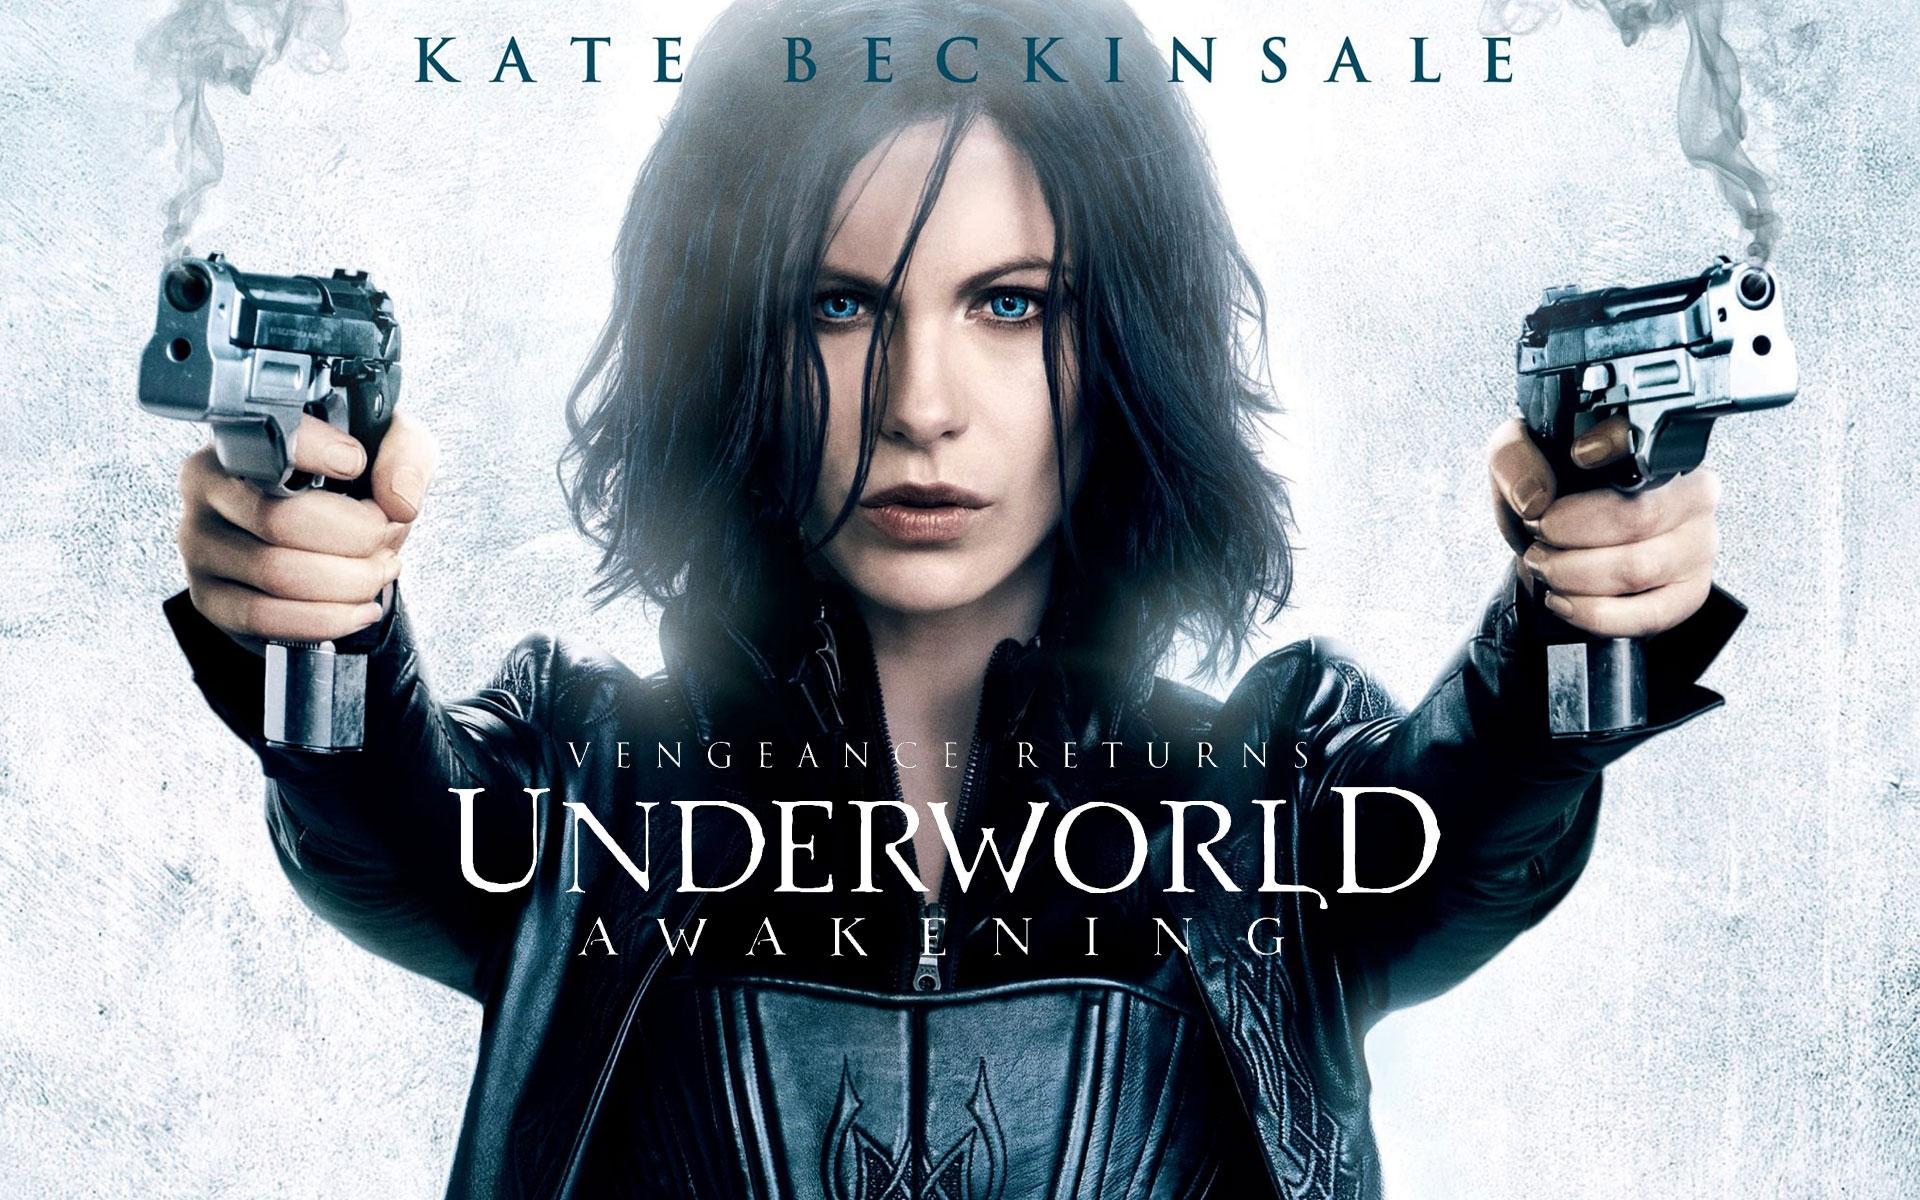 Underworld-Awakening-michael-corvin-29158251-1920-1200 jpgUnderworld Awakening Michael